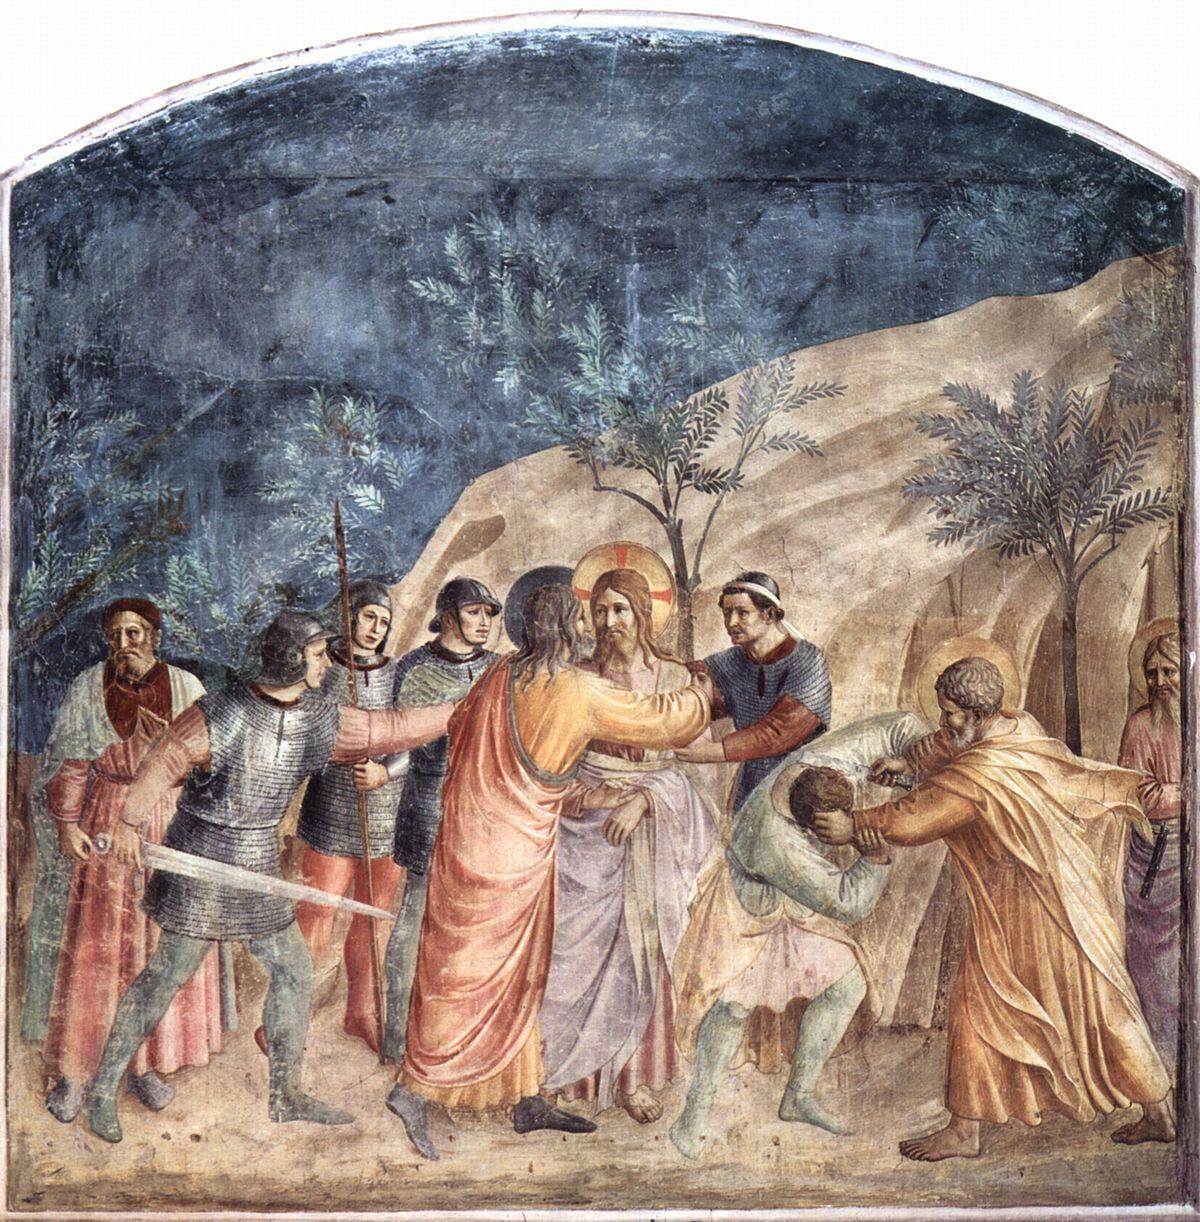 Prendimiento de Jesús - Wikipedia, la enciclopedia libre